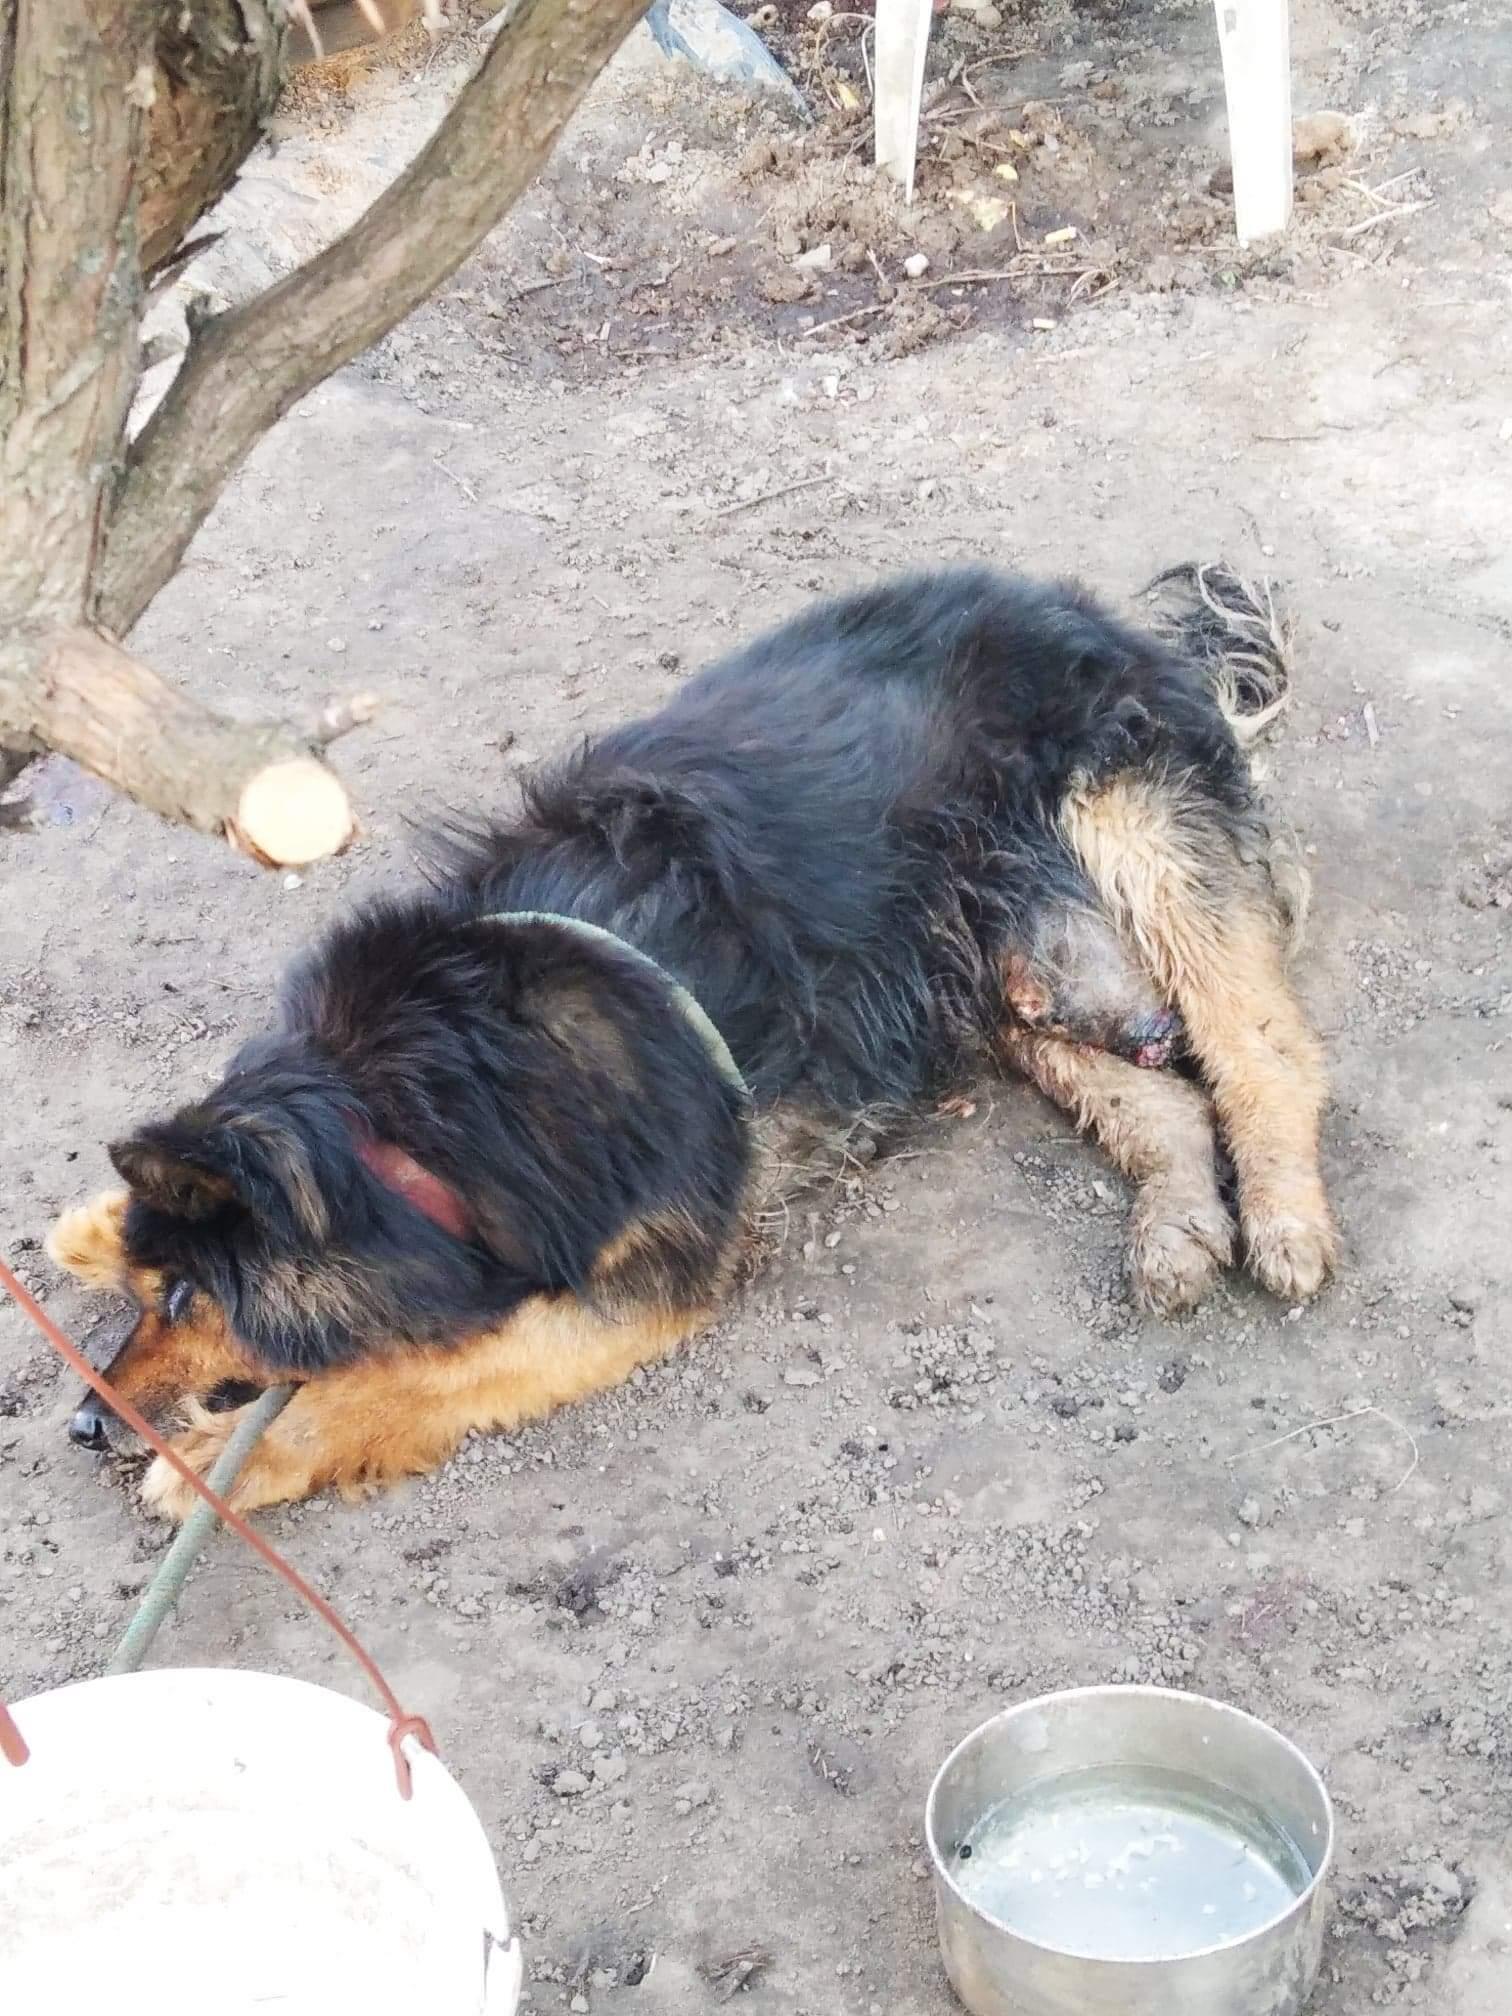 Zaniedbany, brudny, przywiązany do drzewa, z guzem wielkości kokosa. Pies odebrany  - Zdjęcie główne